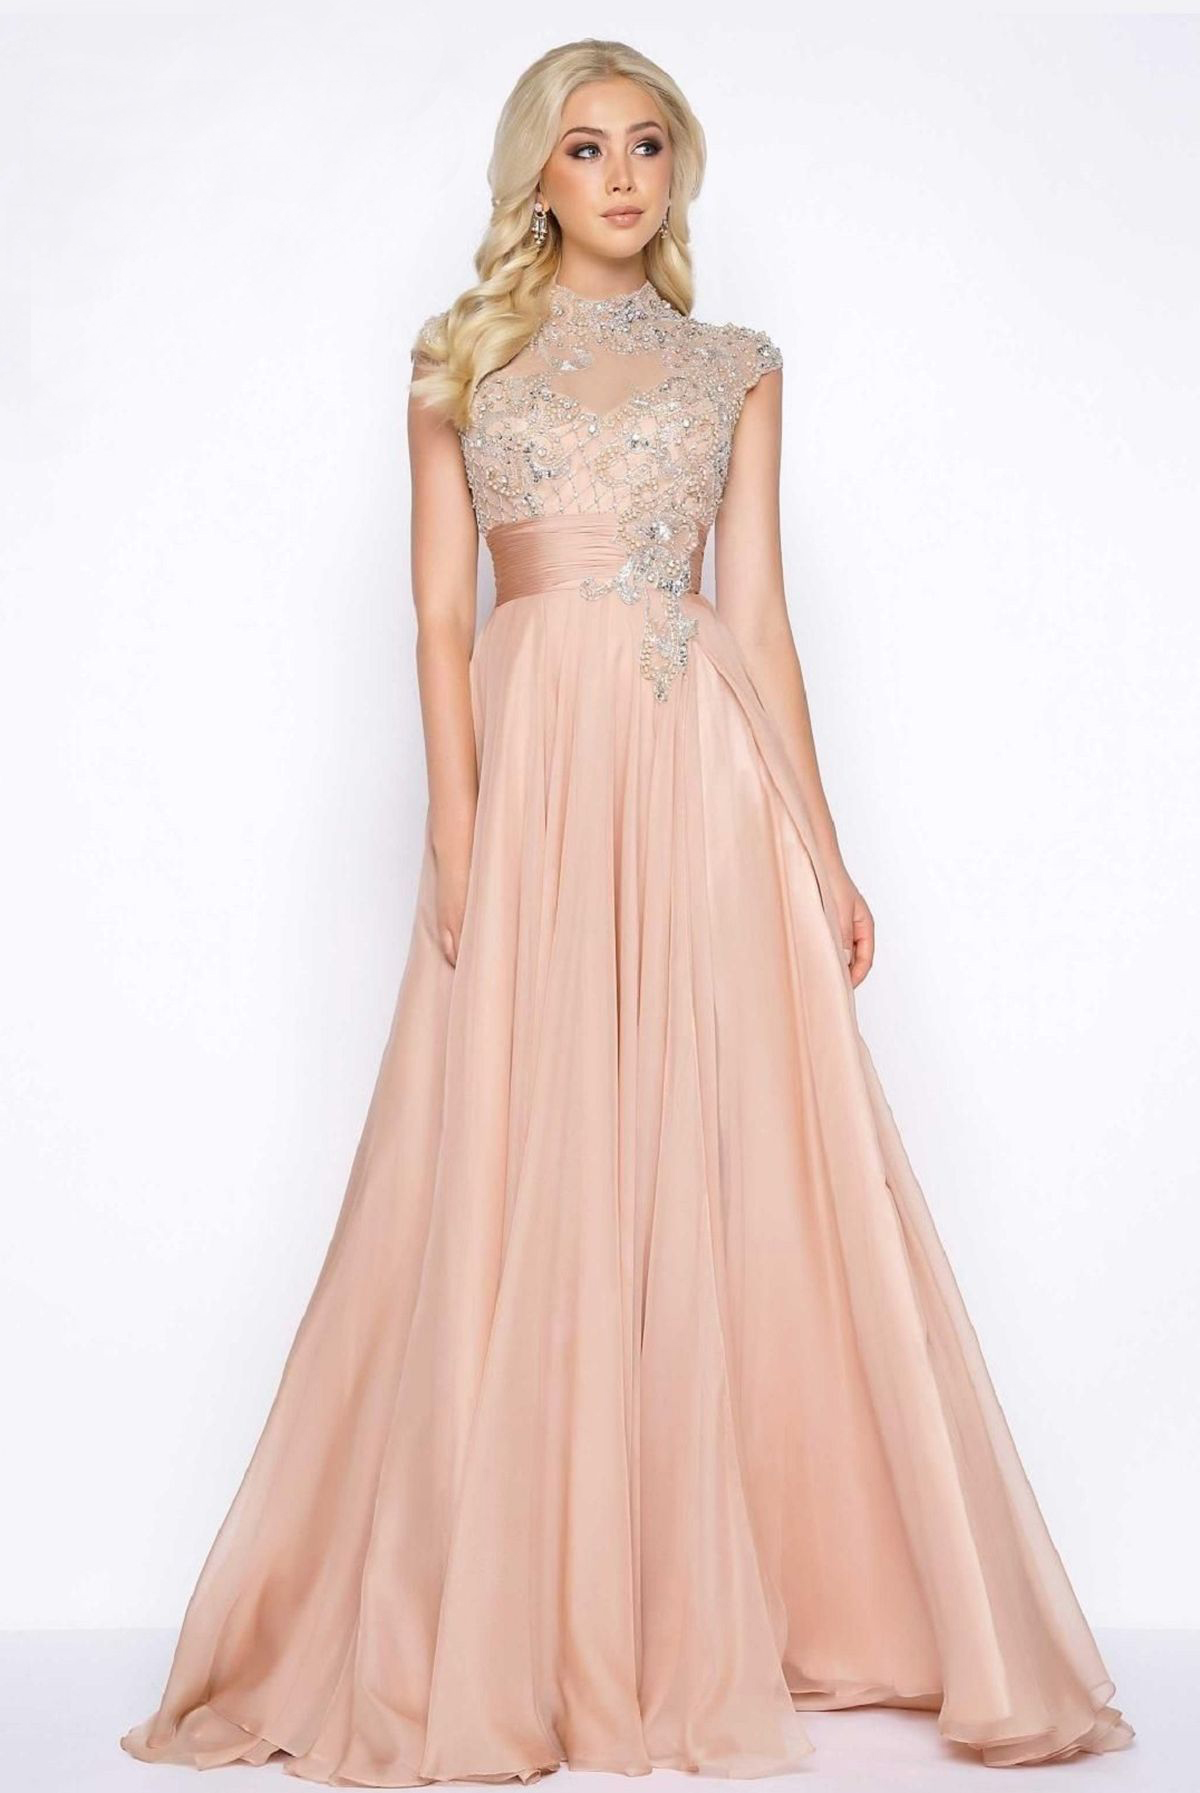 Mac Duggal 10010 Платье с кружевной верхней частью украшено камнями, спина прозрачная, юбка длинная и пышная